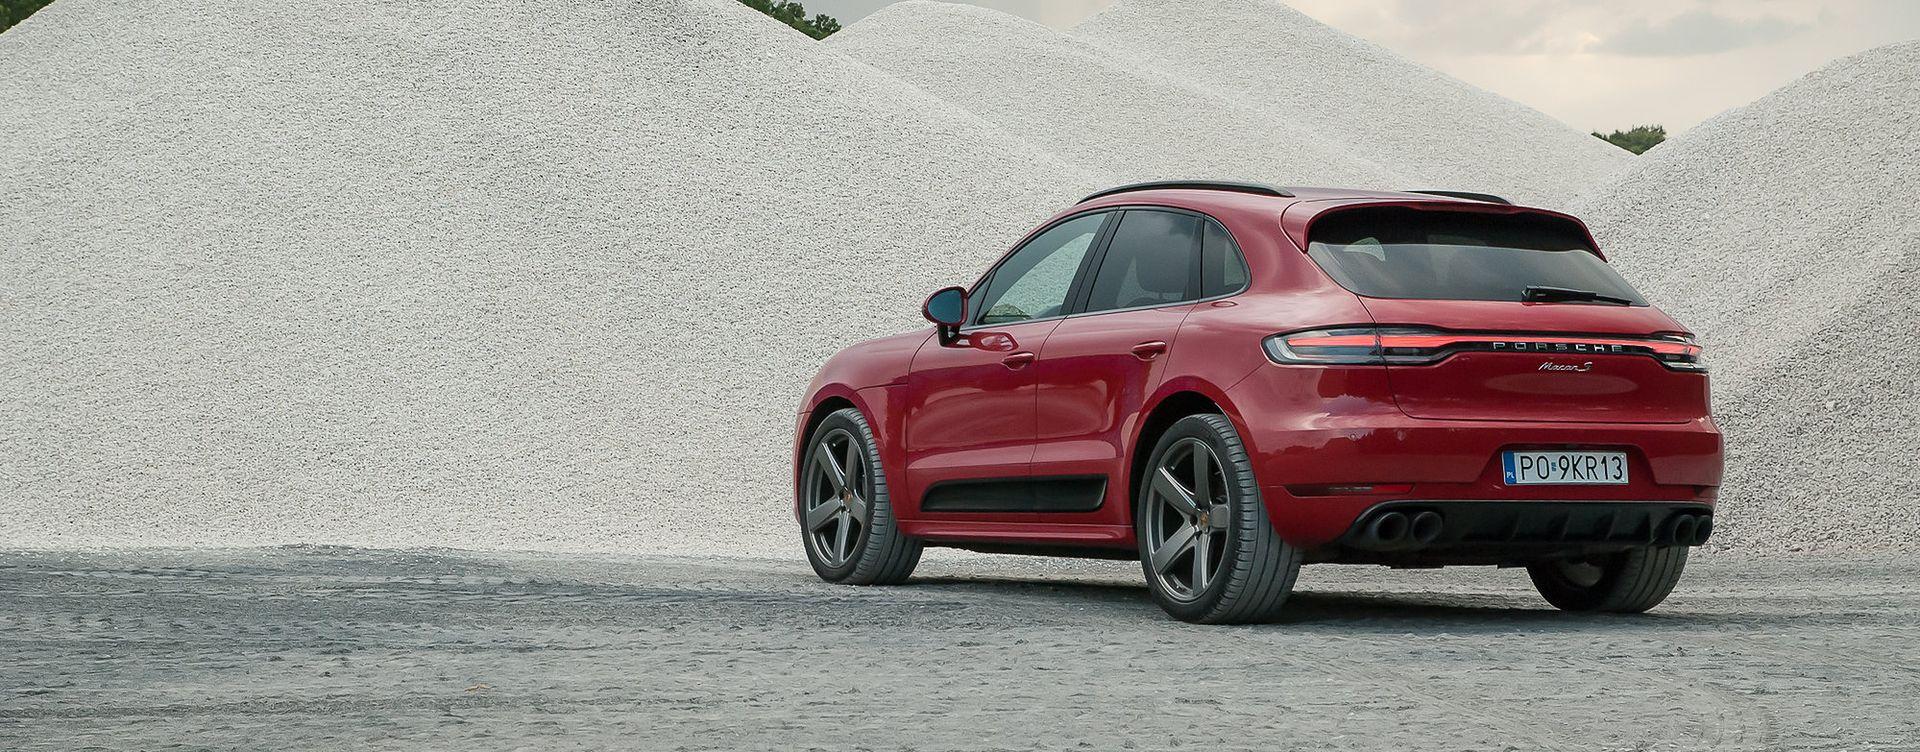 Porsche Macan po liftingu ma światła rozciągające się na całą szerokość auta.